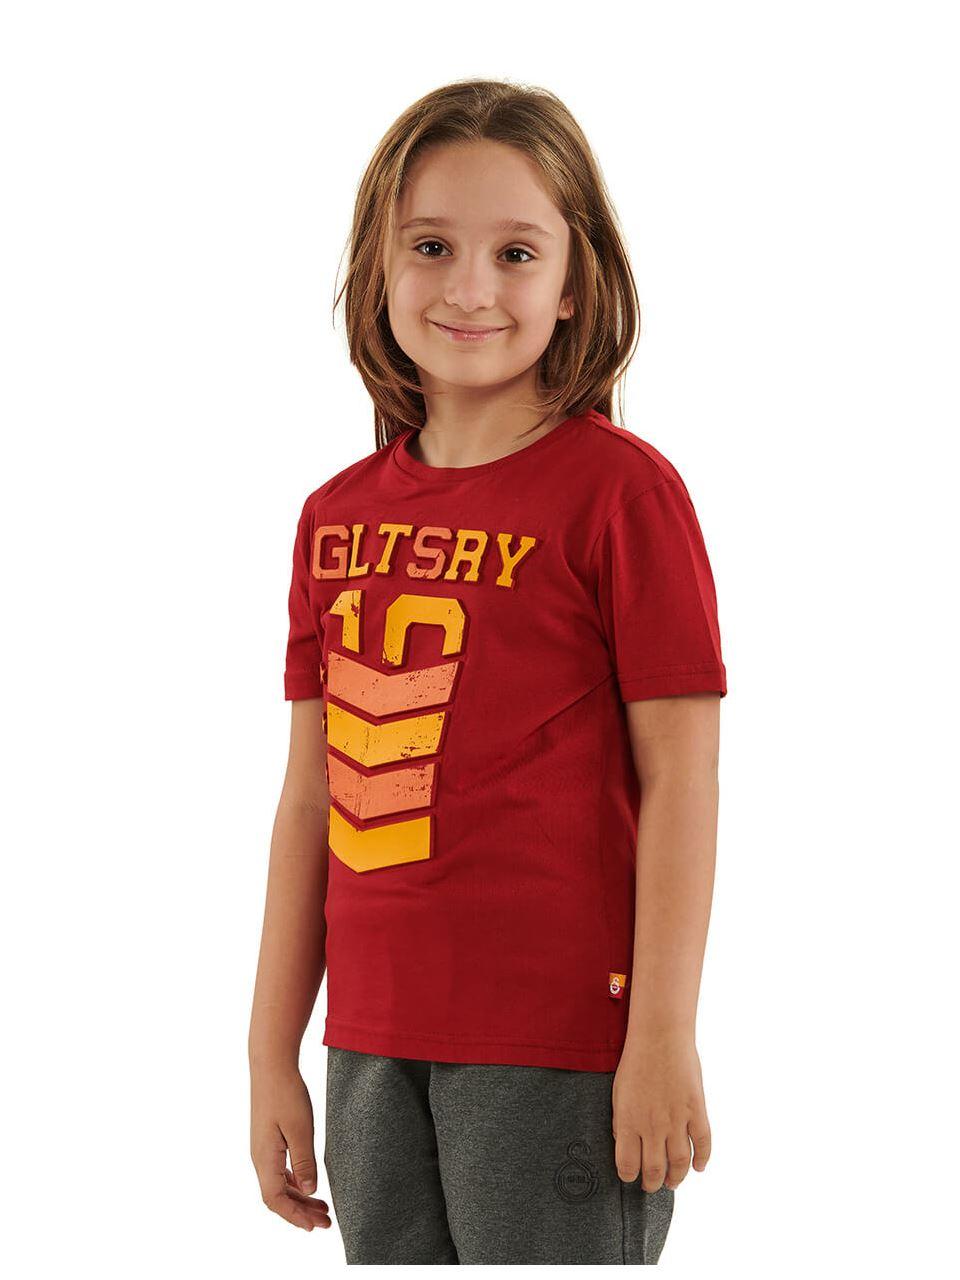 Gltsry 10 Çocuk T-shirt C191032